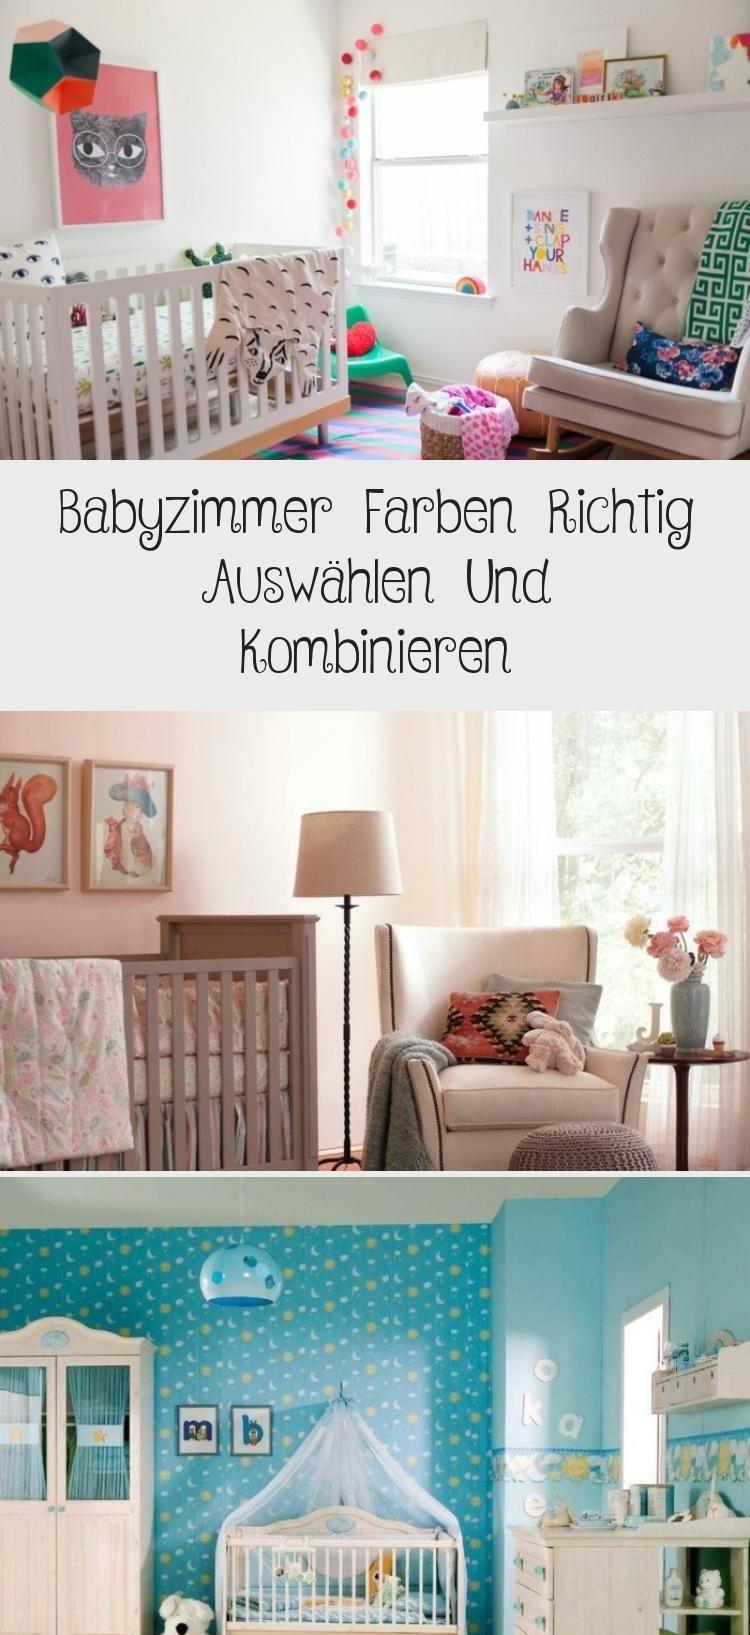 Babyzimmer Farben Richtig Auswahlen Und Kombinieren In 2020